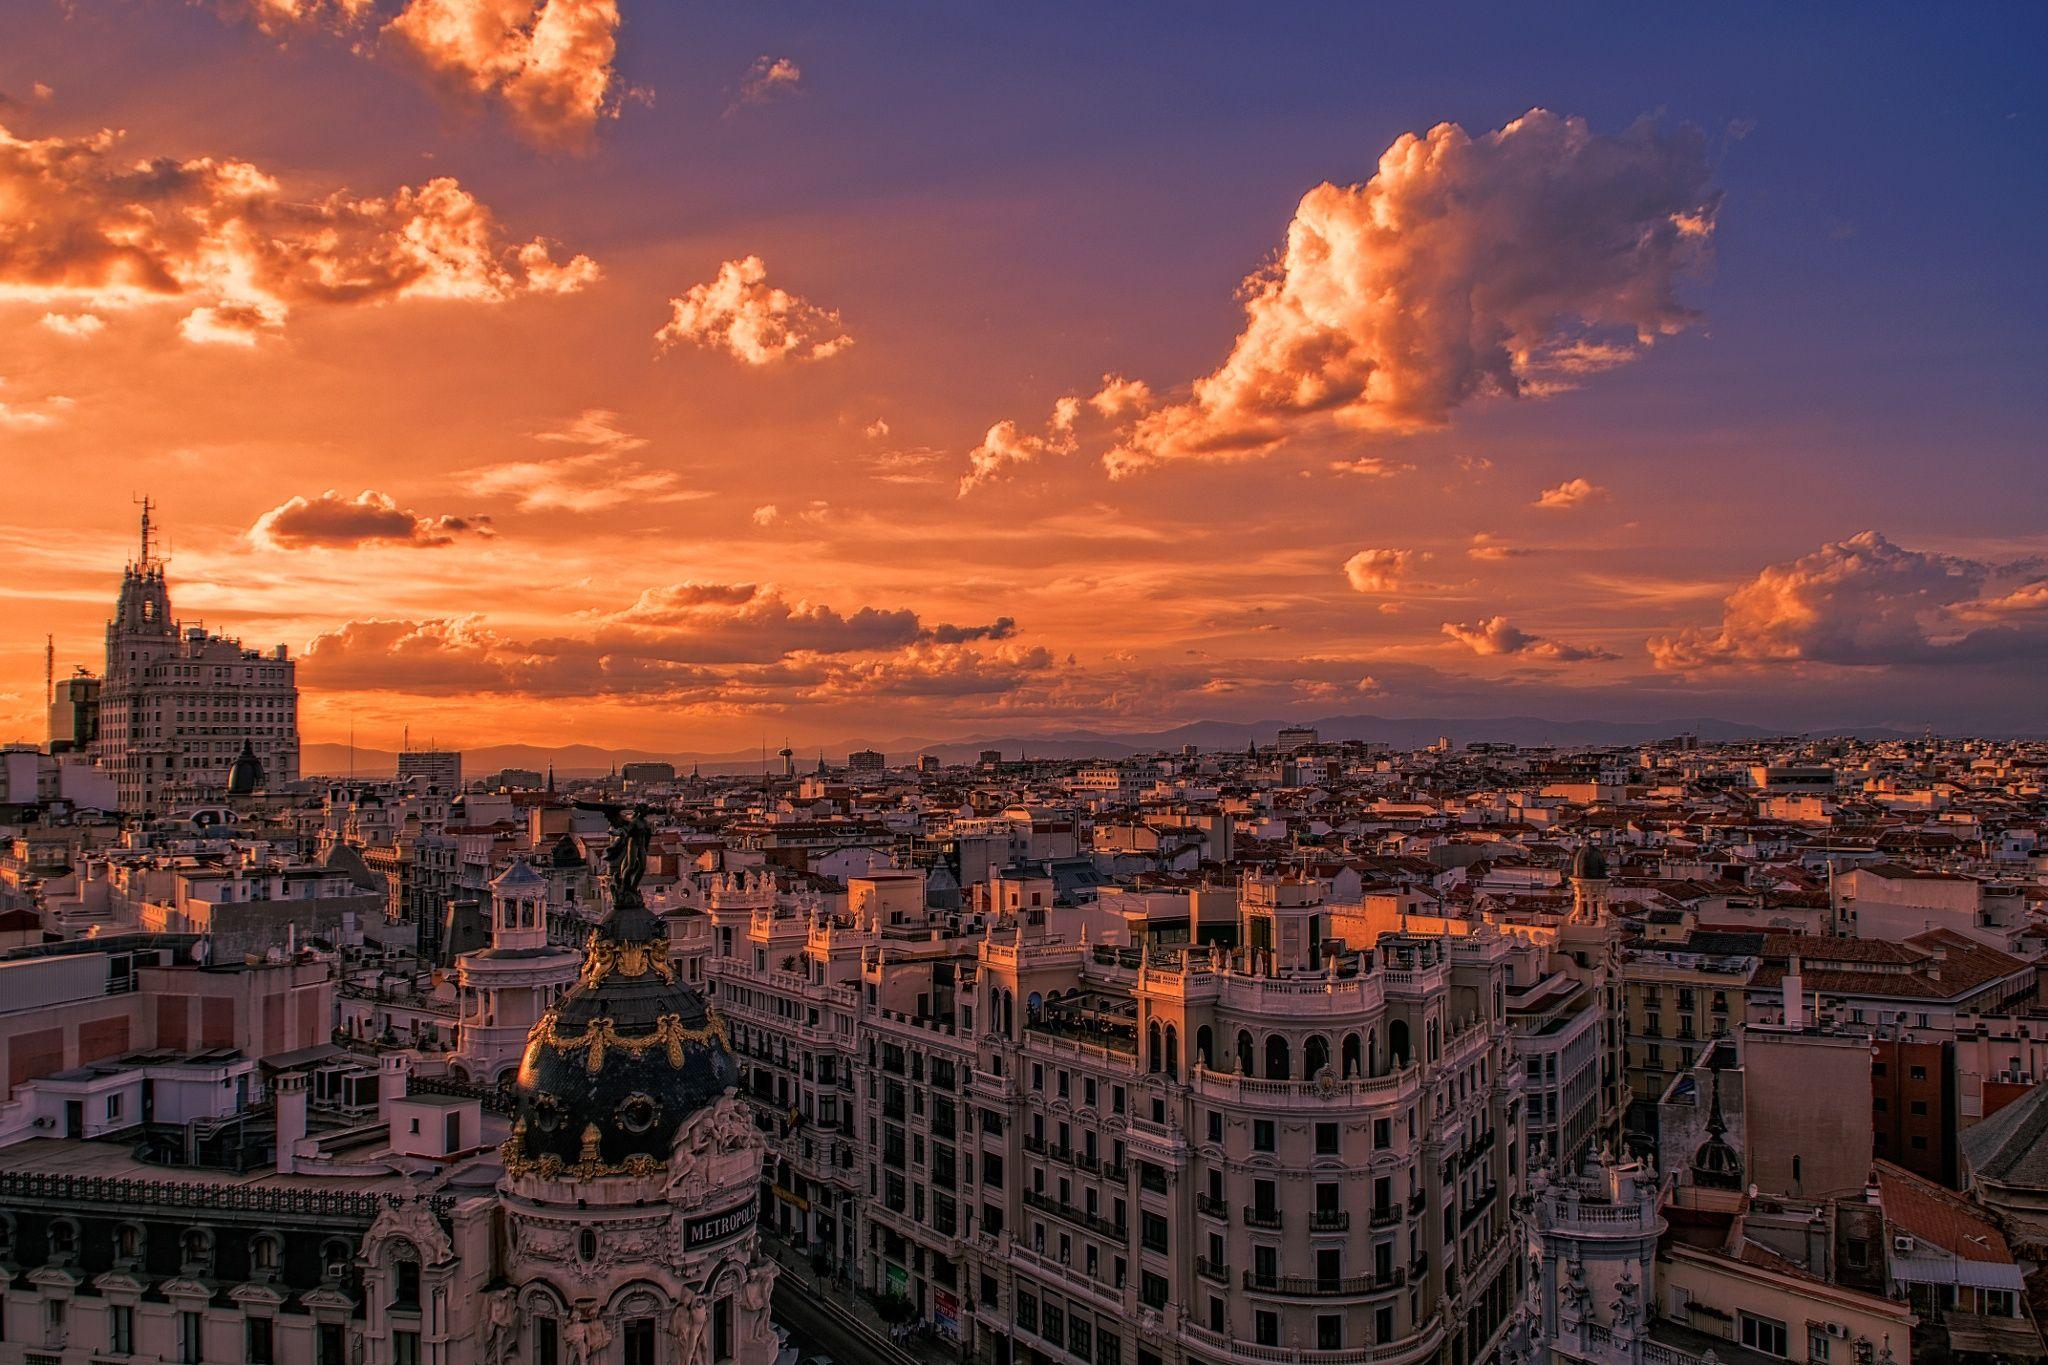 Https Drscdn 500px Org Photo 86460121 M 3d2048 431e1135a345cdbda7e02e8a40d4f9d4 Madrid Skyline Madrid City Skyline